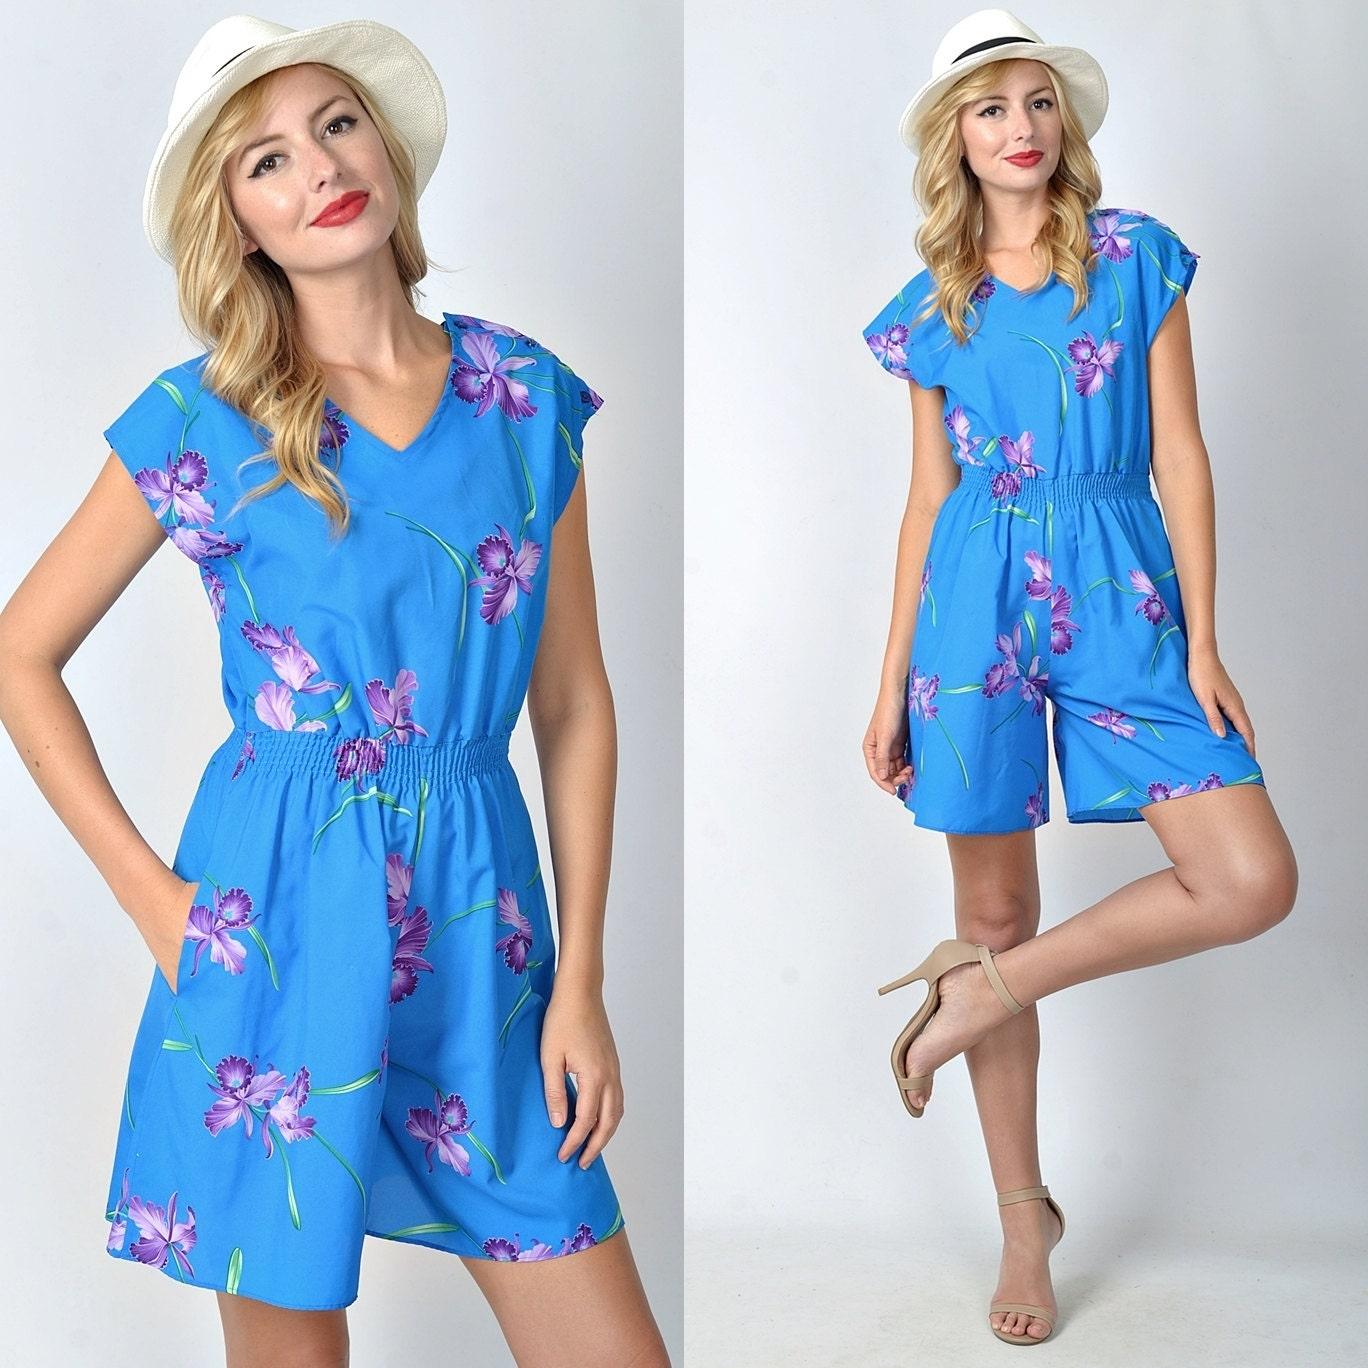 Vintage 80s Blue Retro Romper Dress Mini Shorts Slouchy Draped